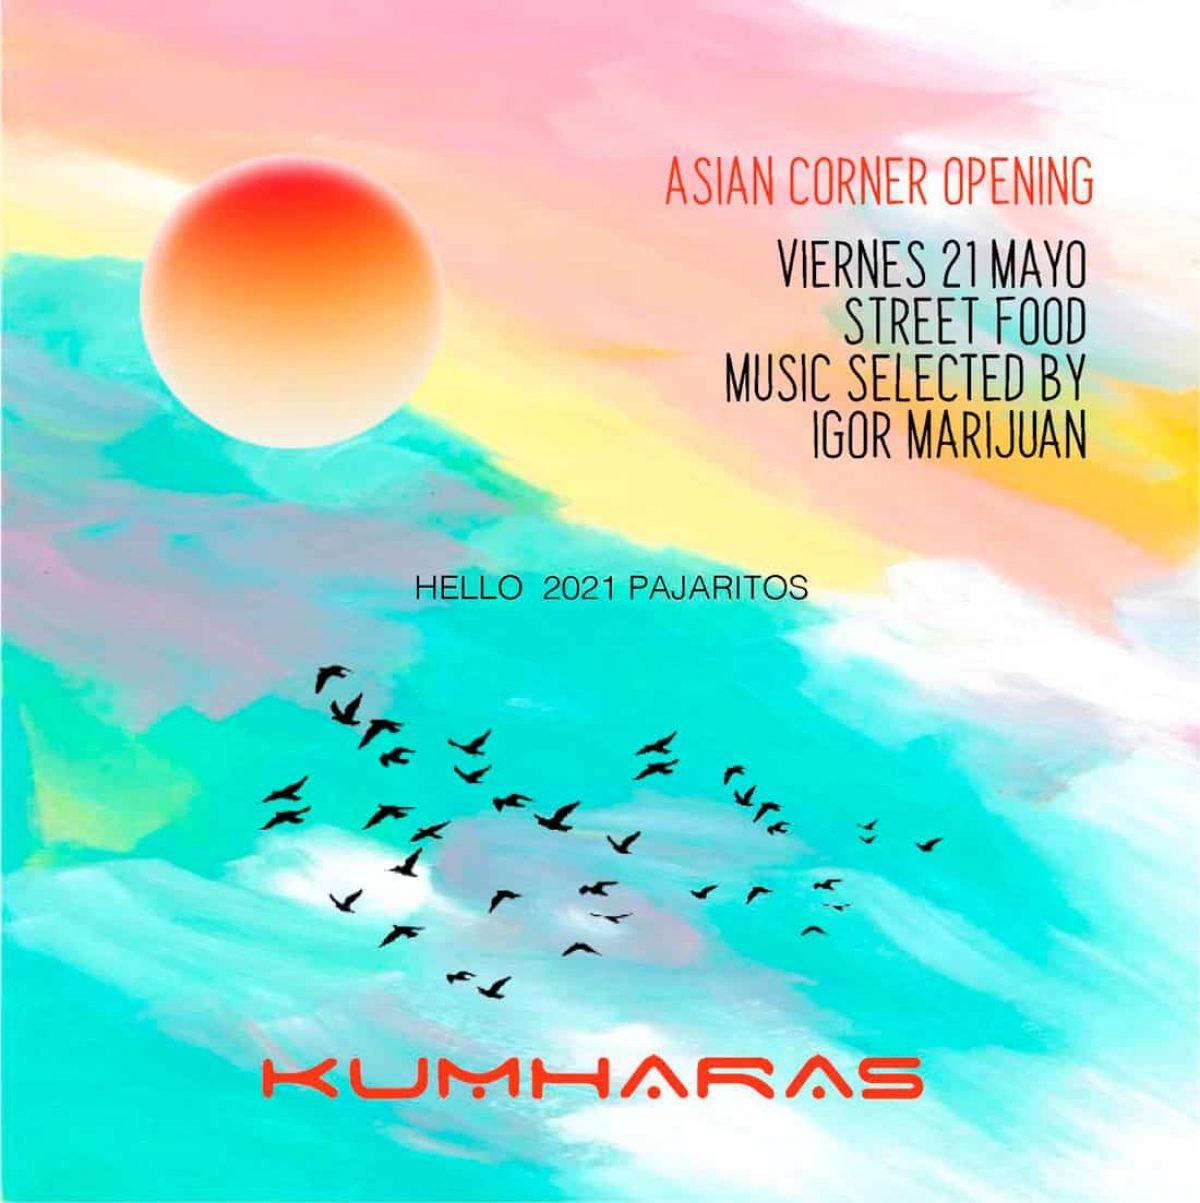 kumharas-ibiza-opening-asian-corner-2021-welcometoibiza